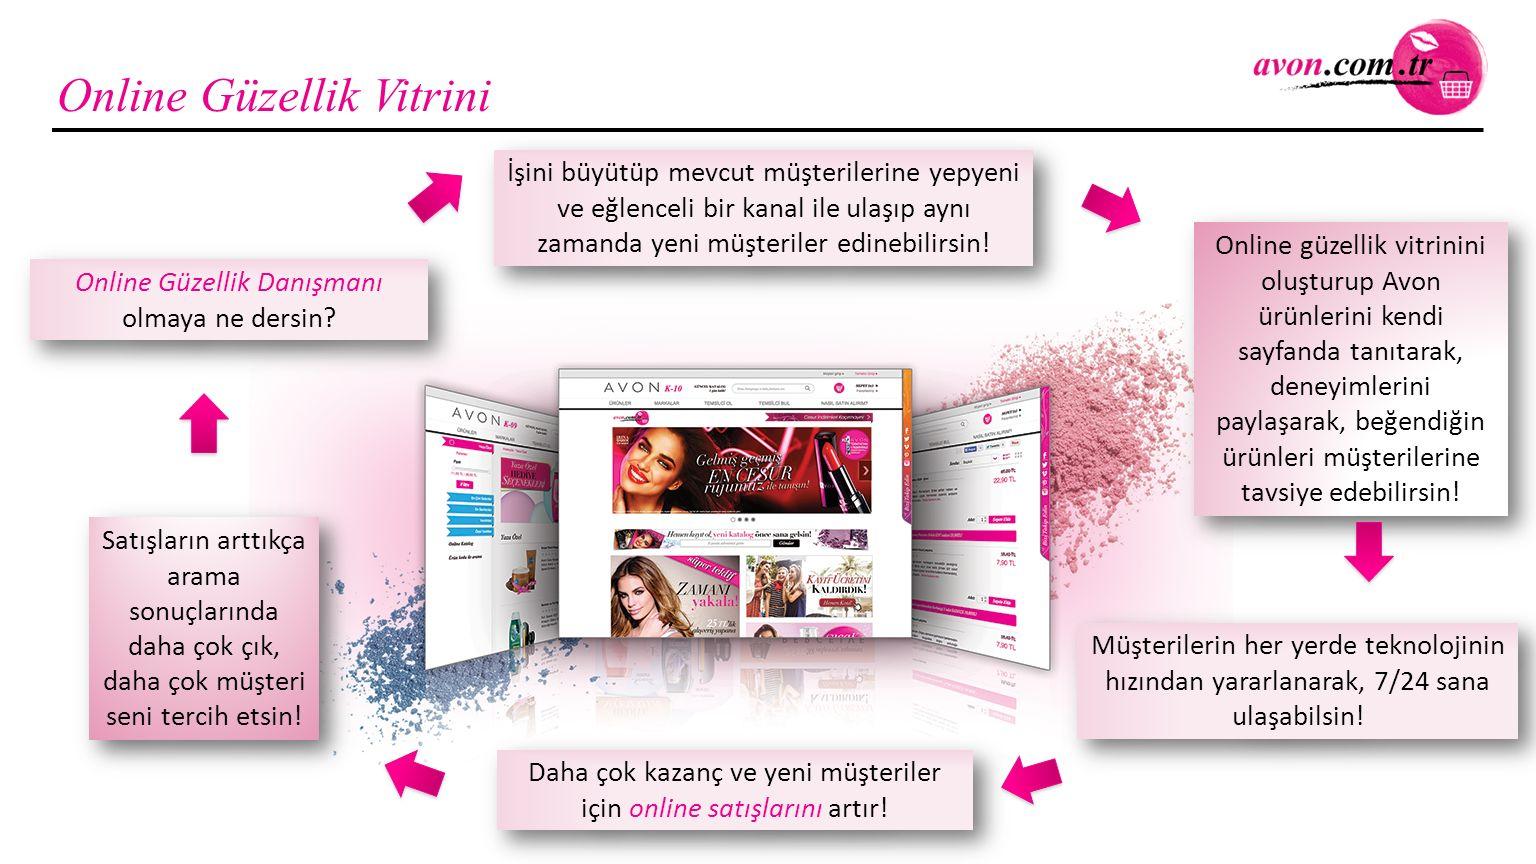 Online Güzellik Vitrini Müşterilerin her yerde teknolojinin hızından yararlanarak, 7/24 sana ulaşabilsin.